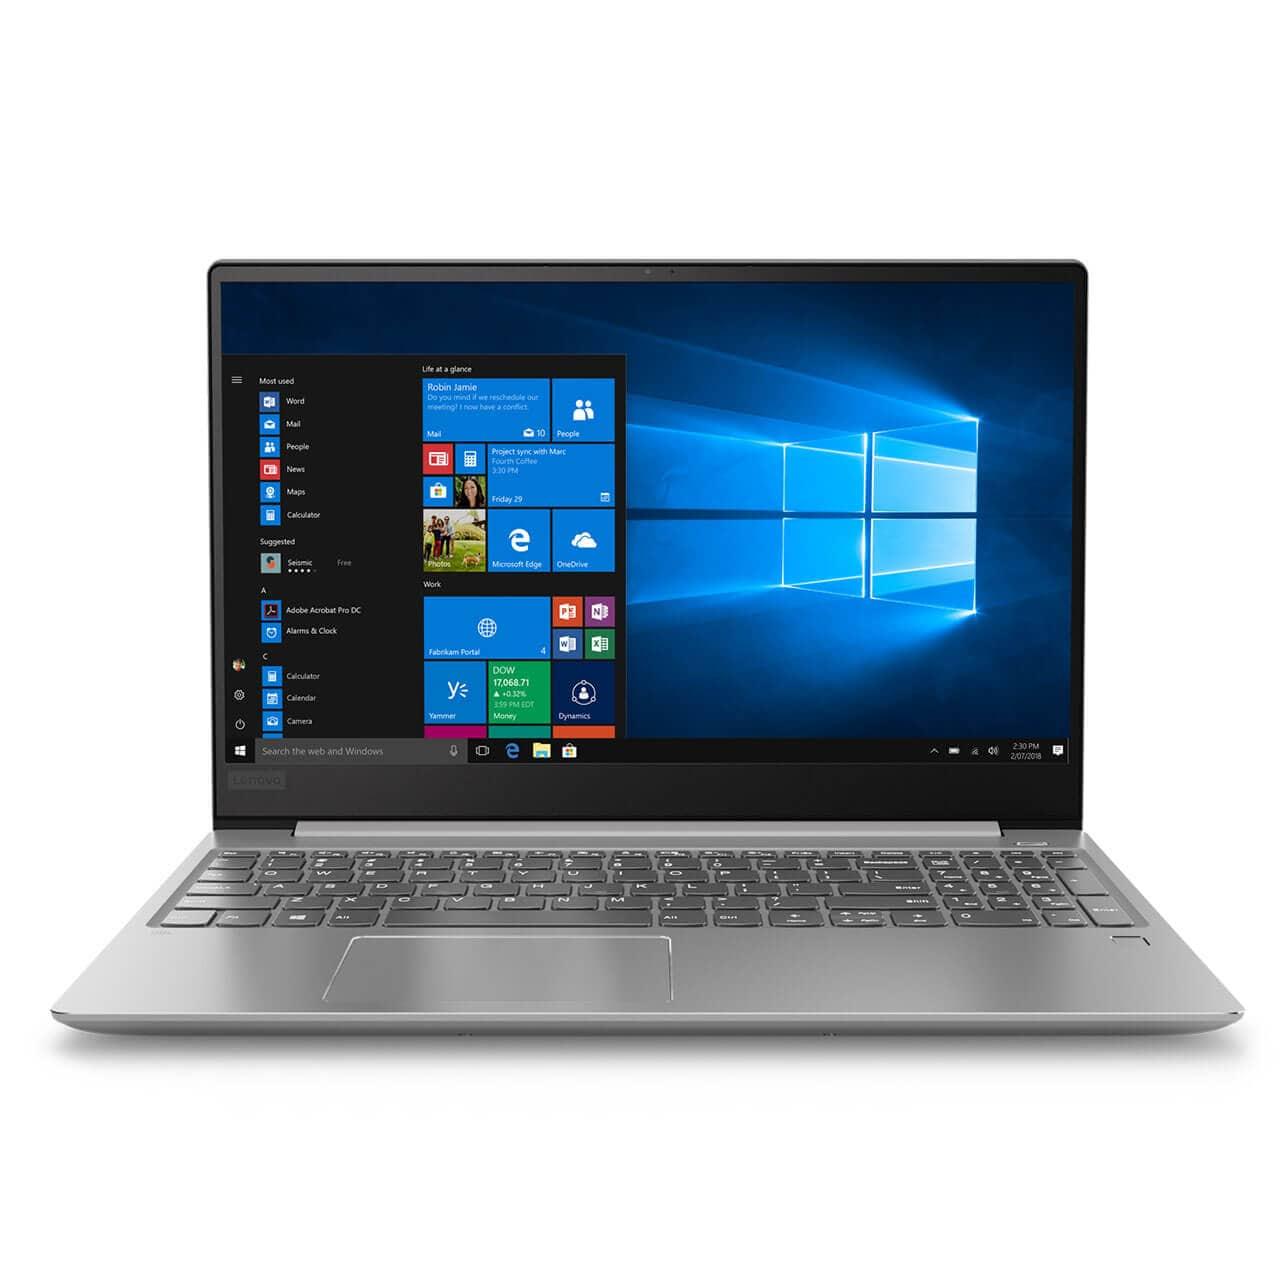 """Lenovo IdeaPad 720s Laptop: Ryzen 5 2500U, 13.3"""" 1080p IPS, 8GB DDR4, 512GB SSD, Vega 8, Win 10 $569.99 & More + Free Shipping @ Rakuten"""